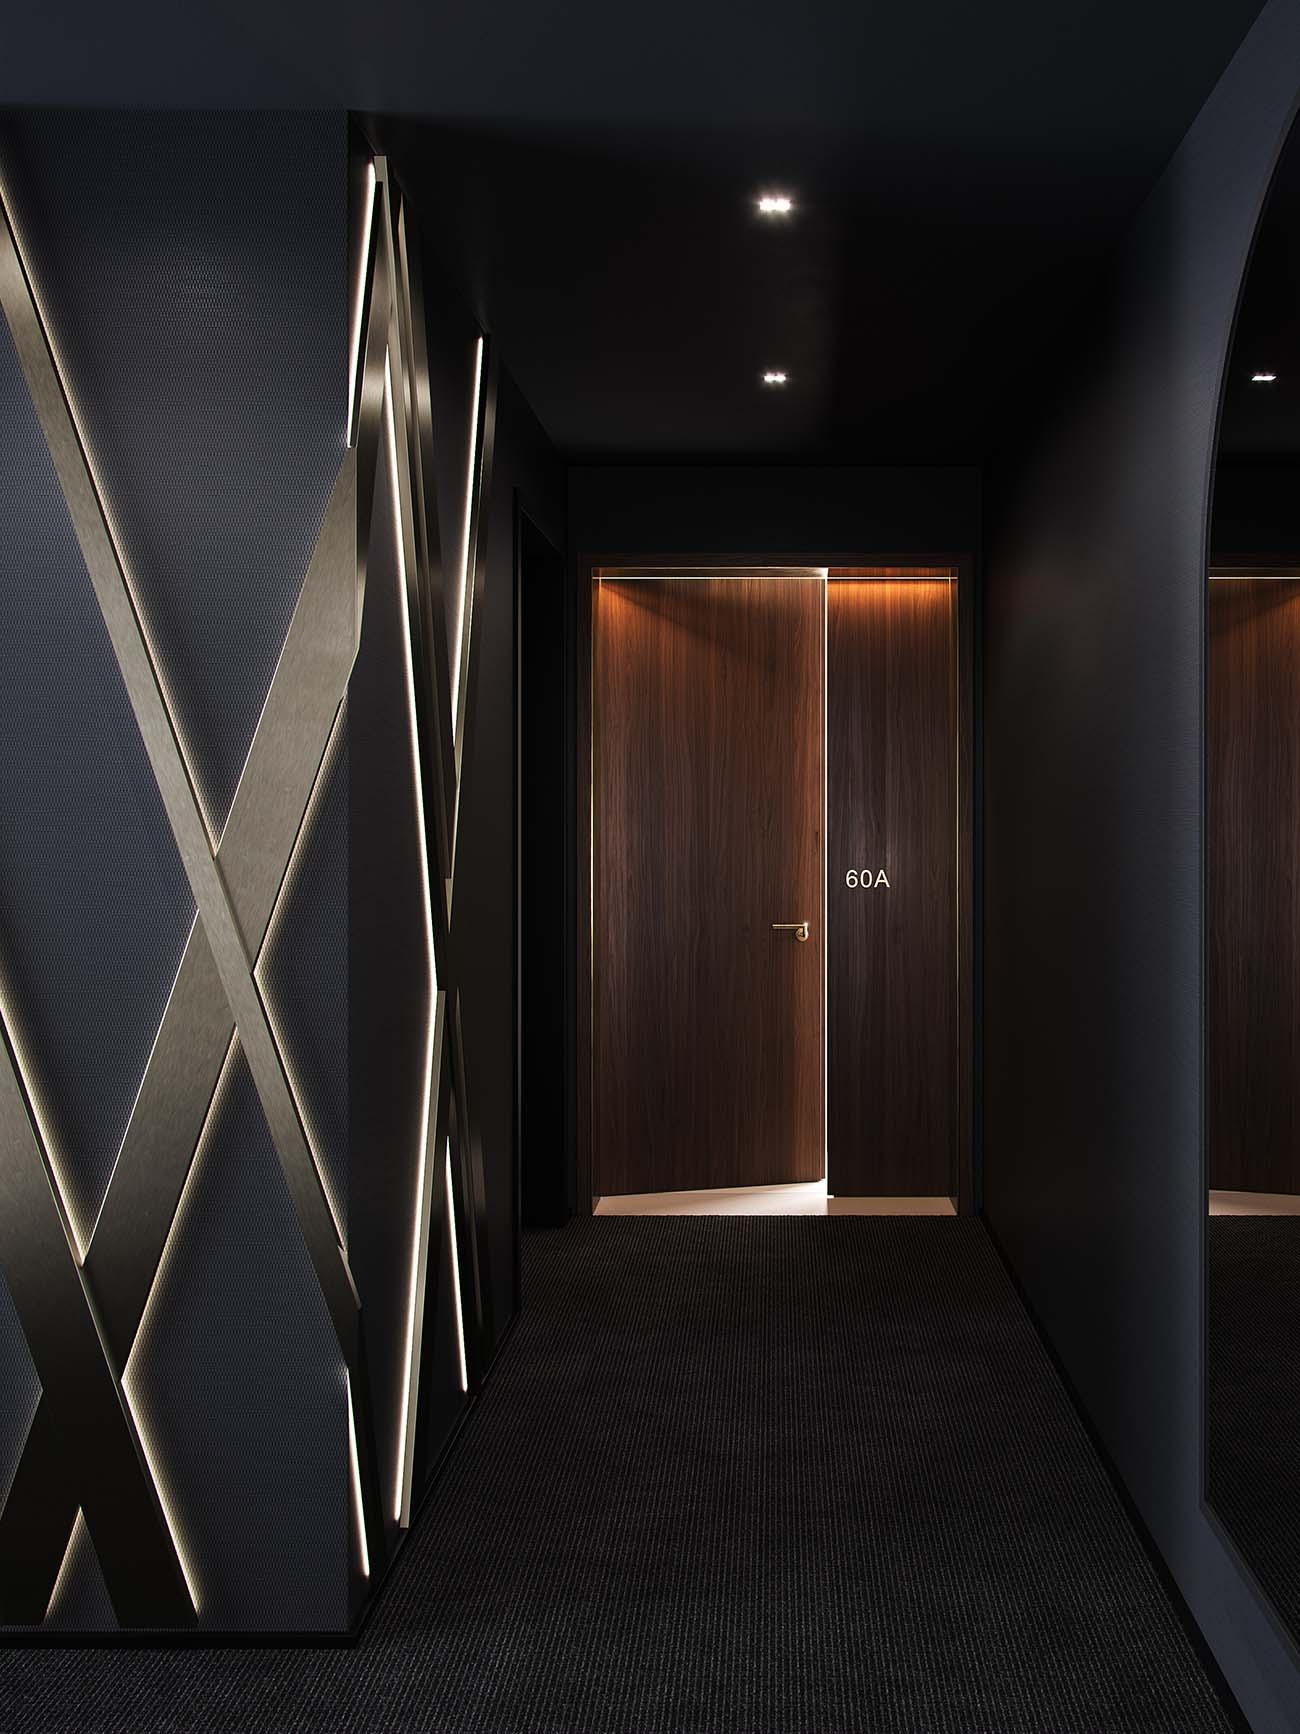 Al bajar del ascensor podremos apreciar el característico patrón rayado cruzado de Aston Martin.